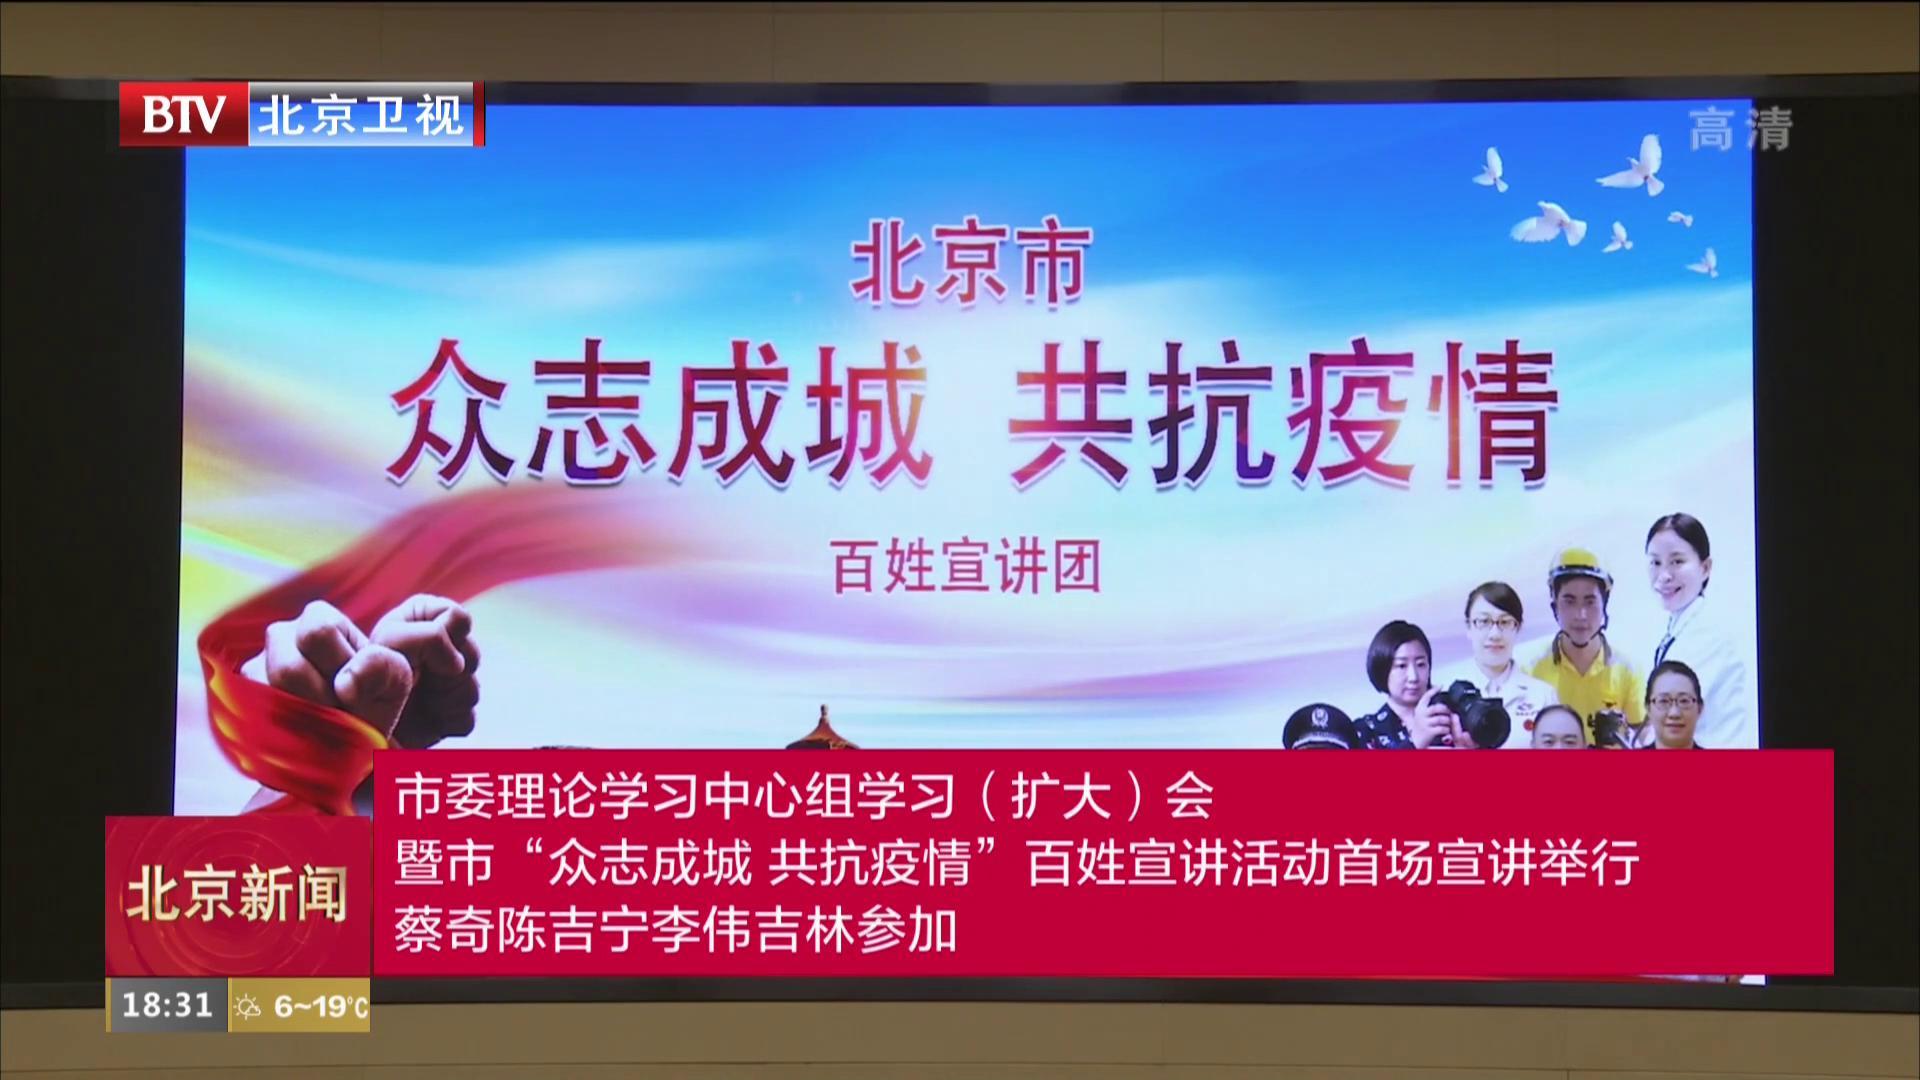 """北京市""""众志成城 共抗疫情""""百姓宣讲活动首场宣讲举行"""